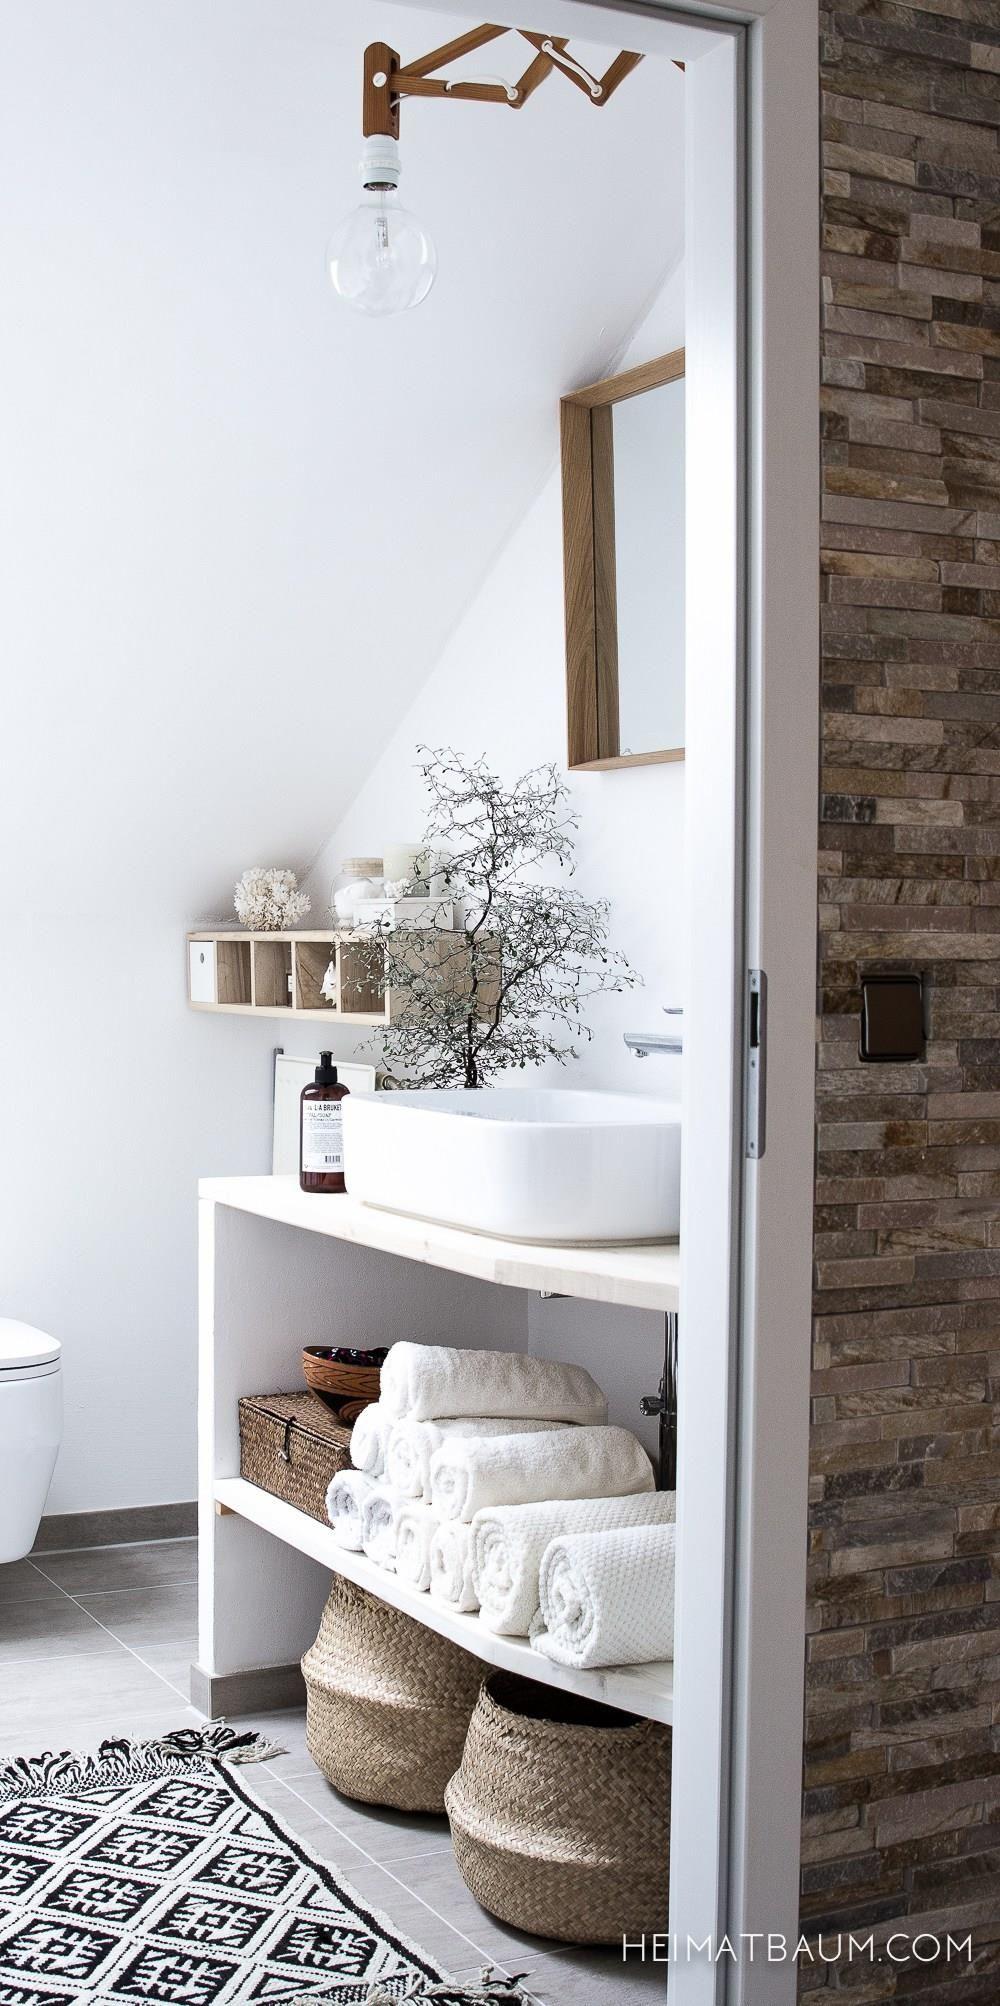 Witte Ibiza badkamer met rieten manden, houten accessoires en light ...